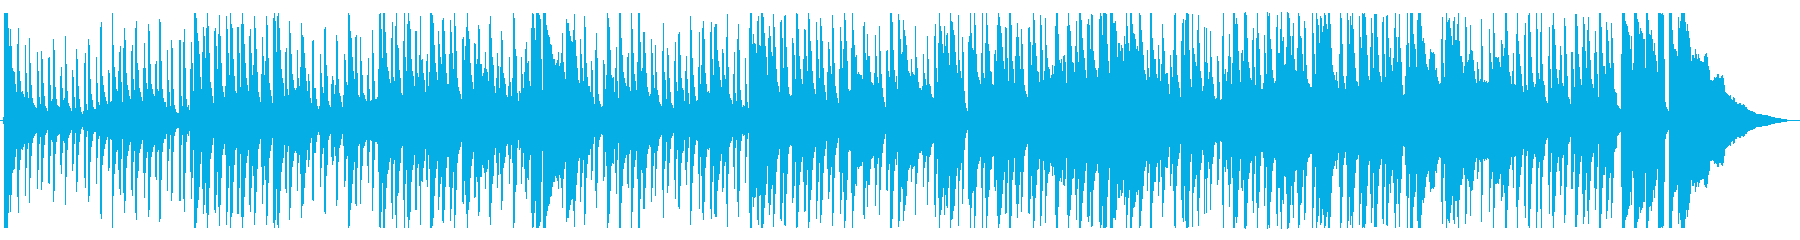 アコースティックギターによる古いブルースの再生済みの波形